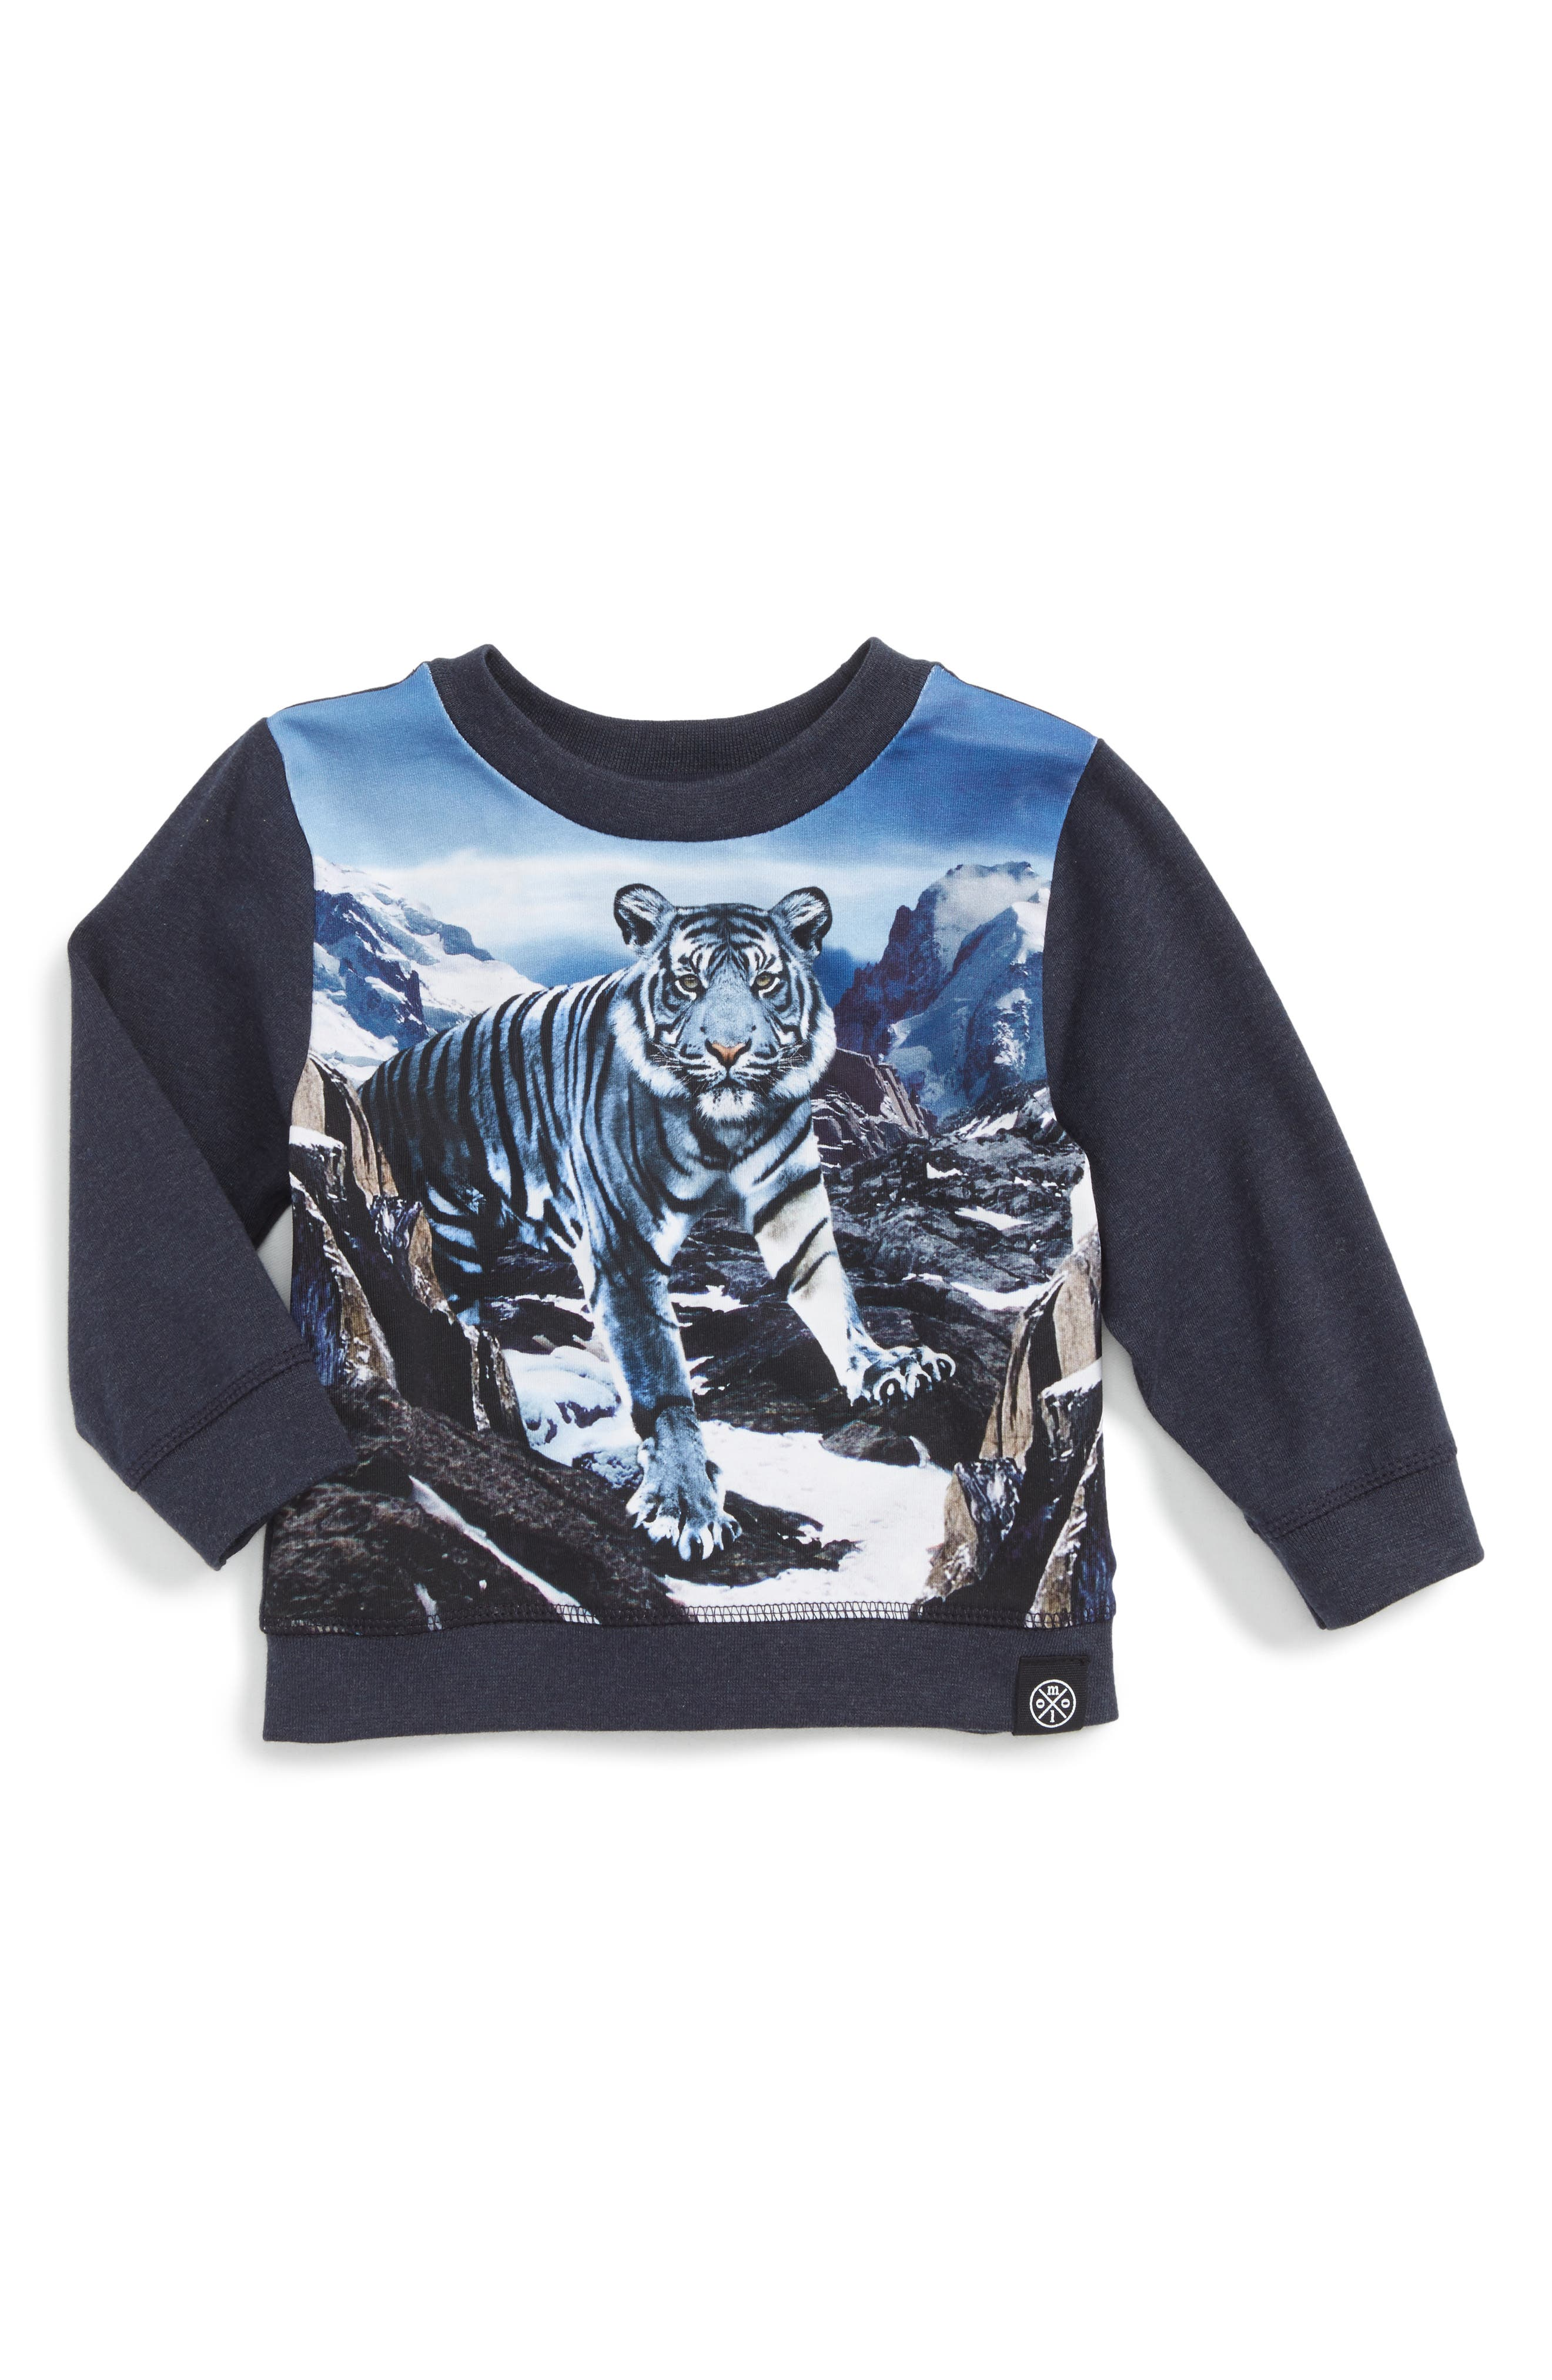 Tiger Graphic T-Shirt,                             Main thumbnail 1, color,                             400